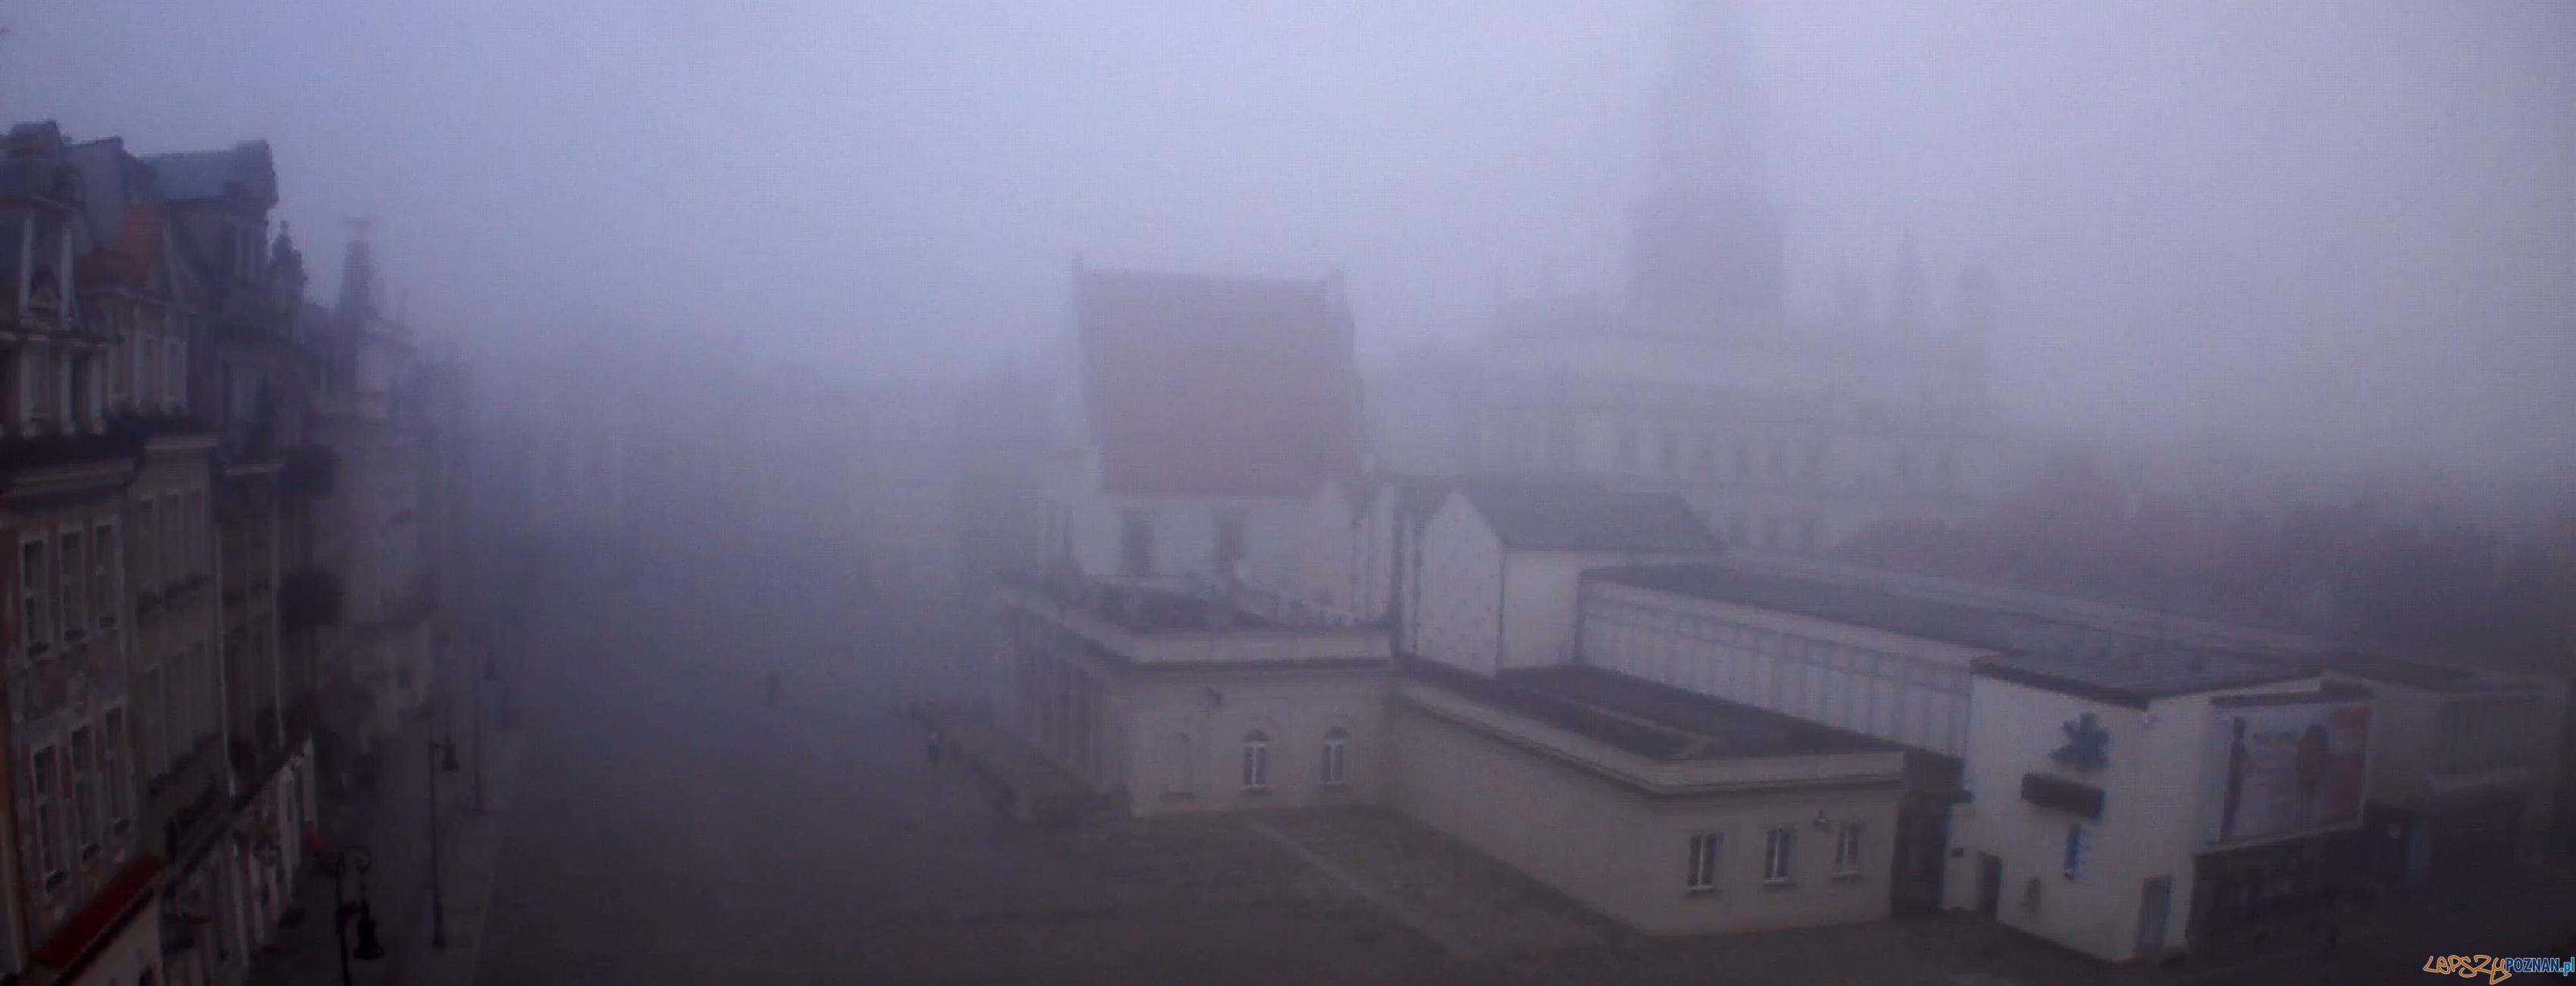 Stary Rynek 14 listopada 2012, godzina 8:05  Foto: oognet